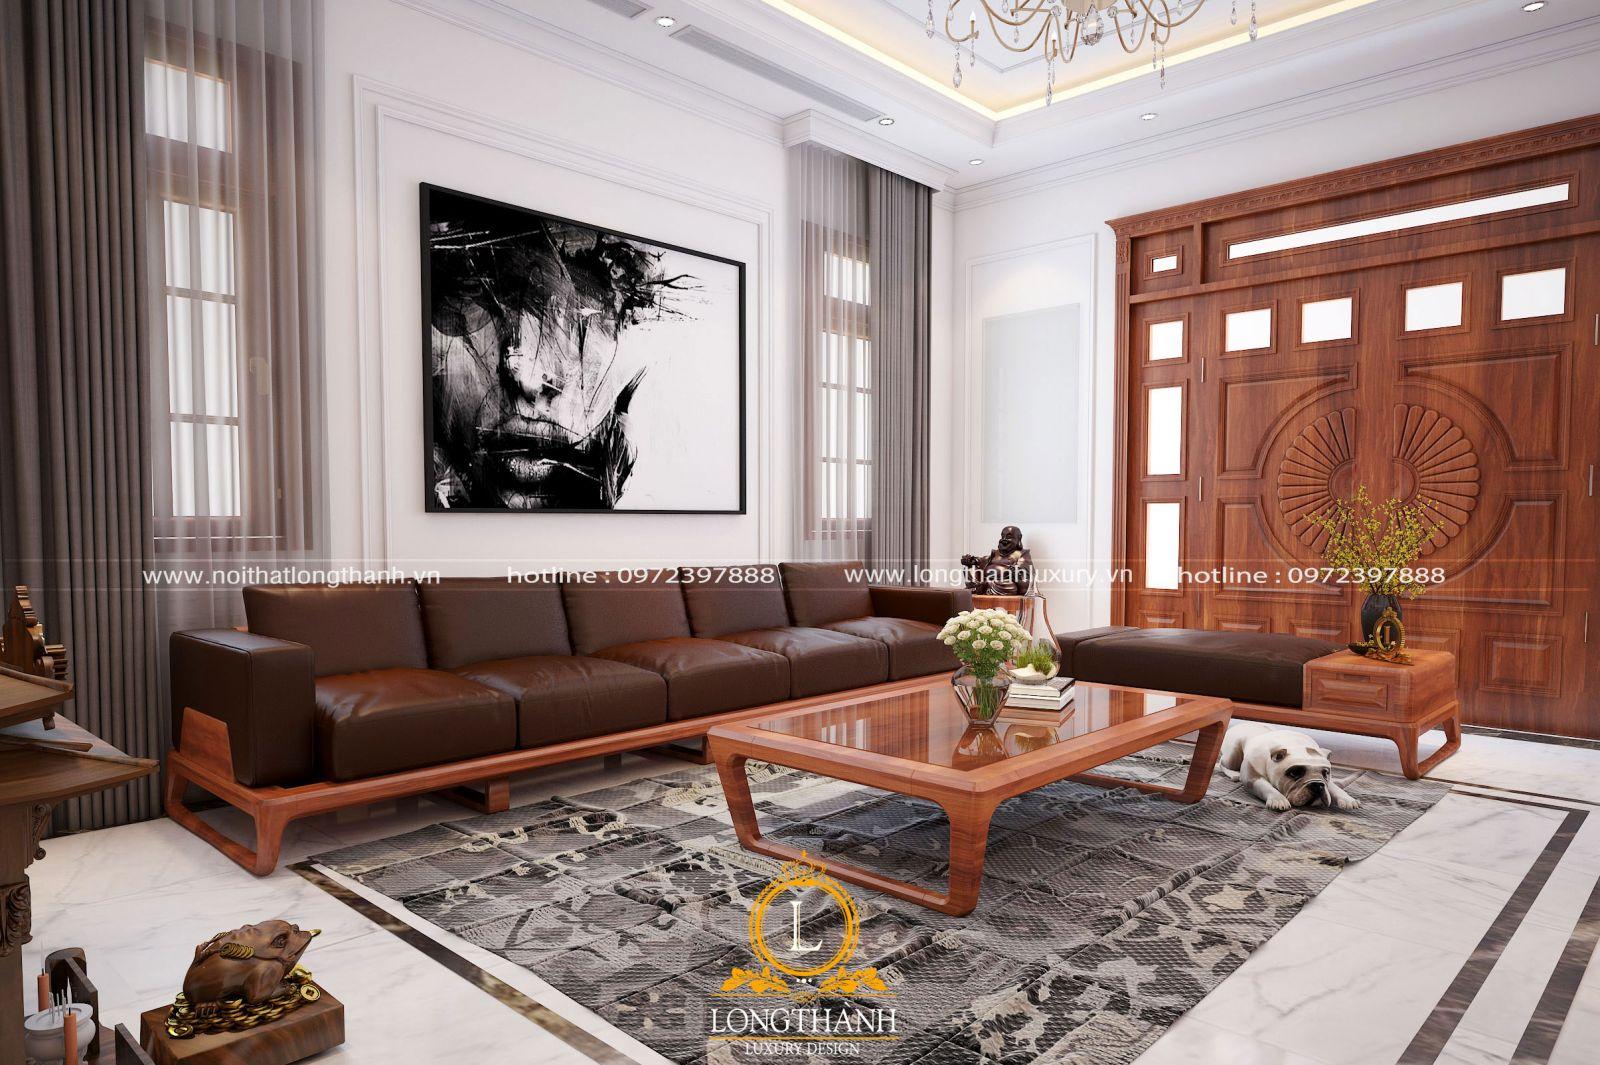 Bộ sofa văng dài được sử dụng cho phòng khách  có diện tích rộng theo chiều dài